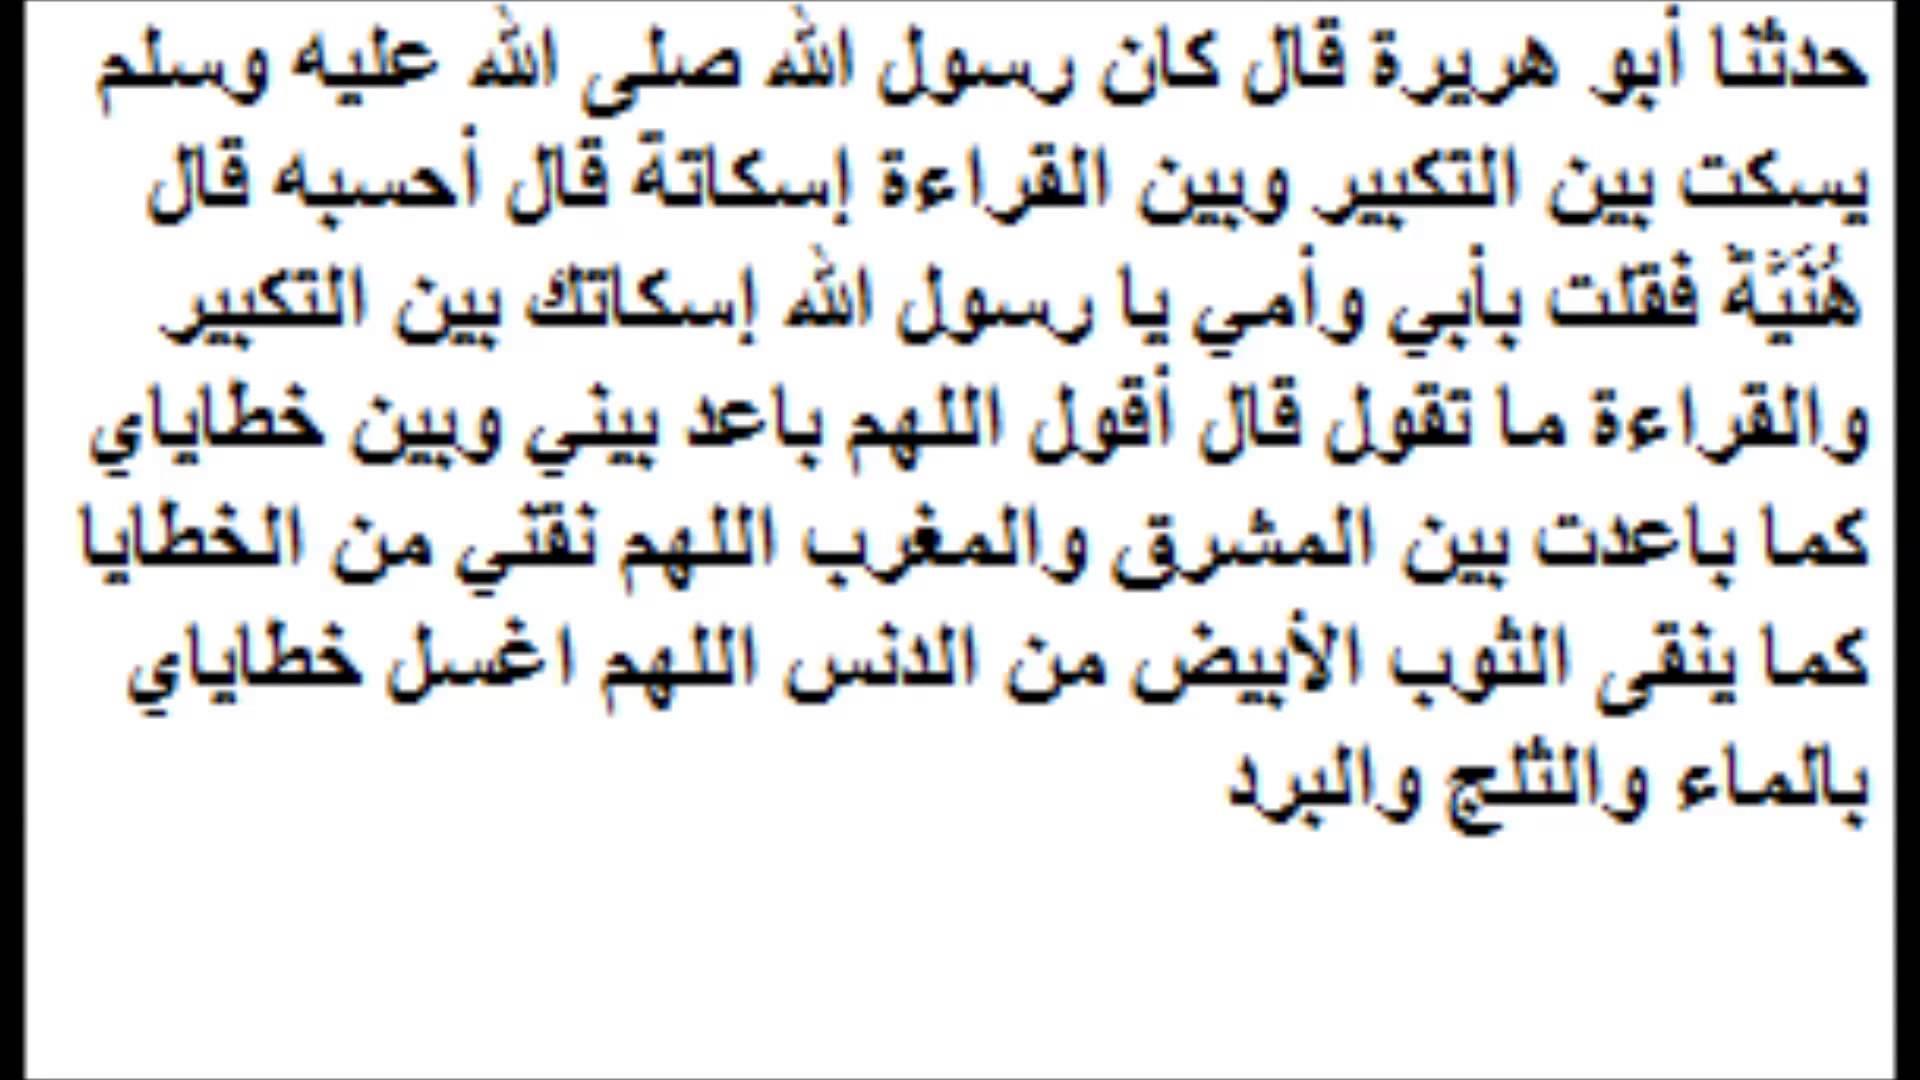 بالصور صور دعاء الاستخاره , اجمل صورة الادعية اسلامية 3638 5